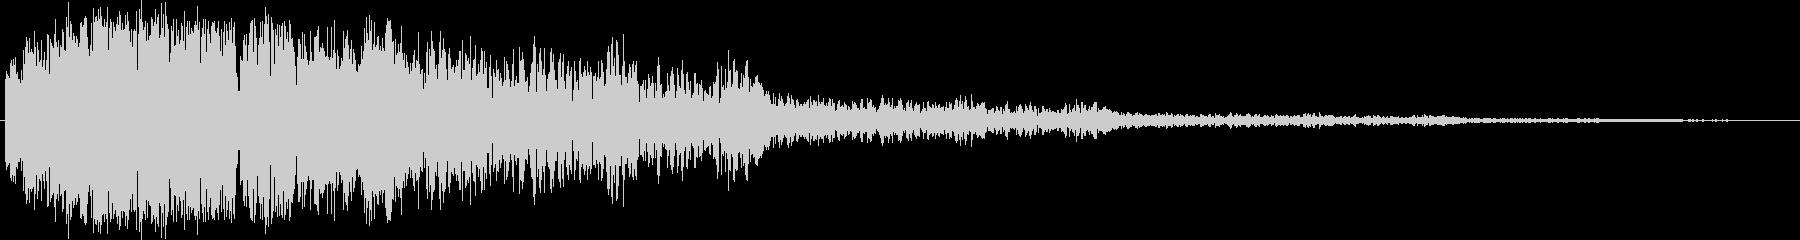 ピキーン(高い音と不気味な音が混ざったの未再生の波形